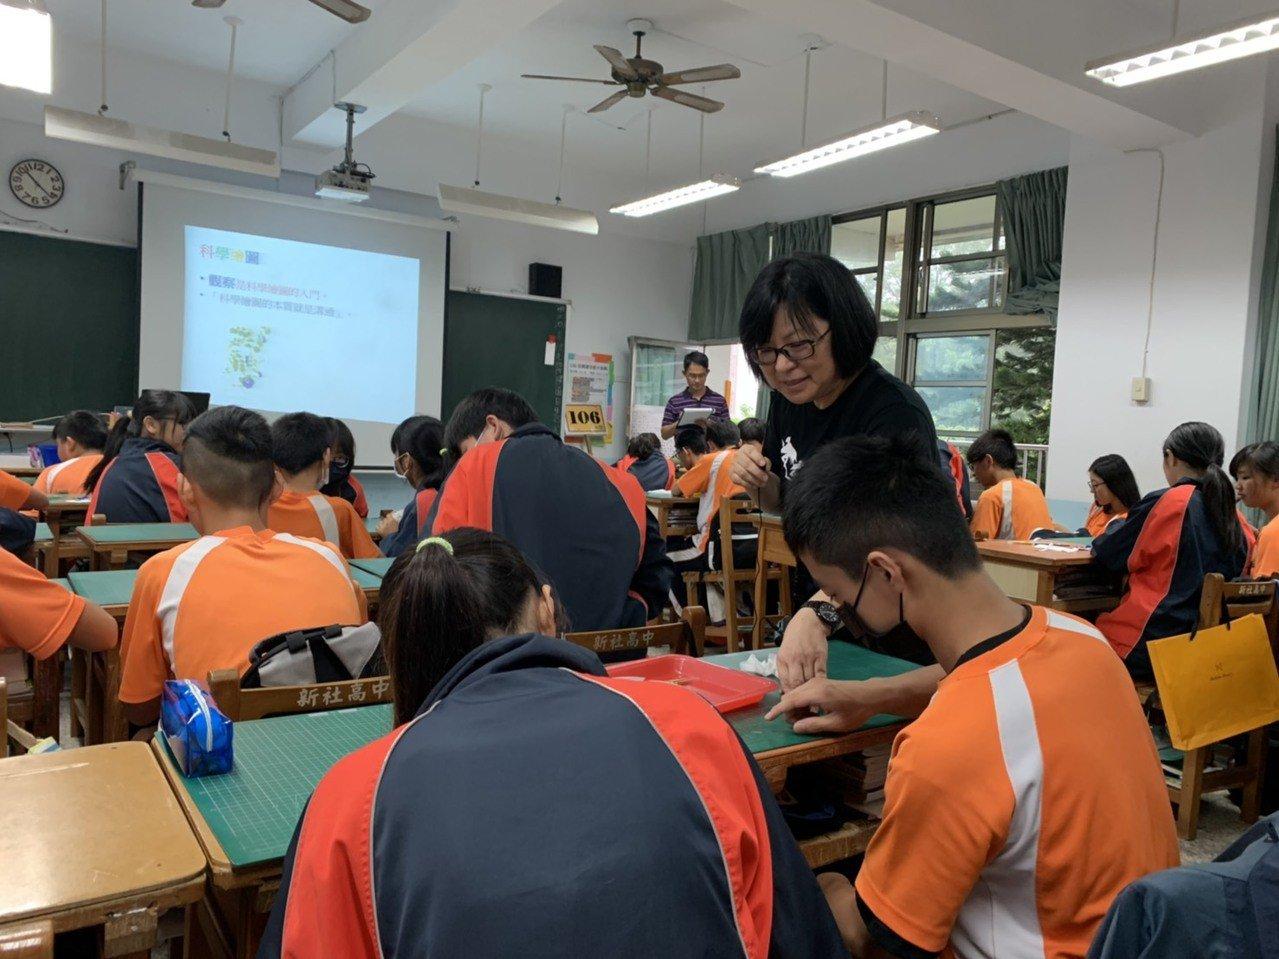 台中市新社高中國中部自然科彈性課程「校園植物觀察」課程。圖/歐靜瑜提供